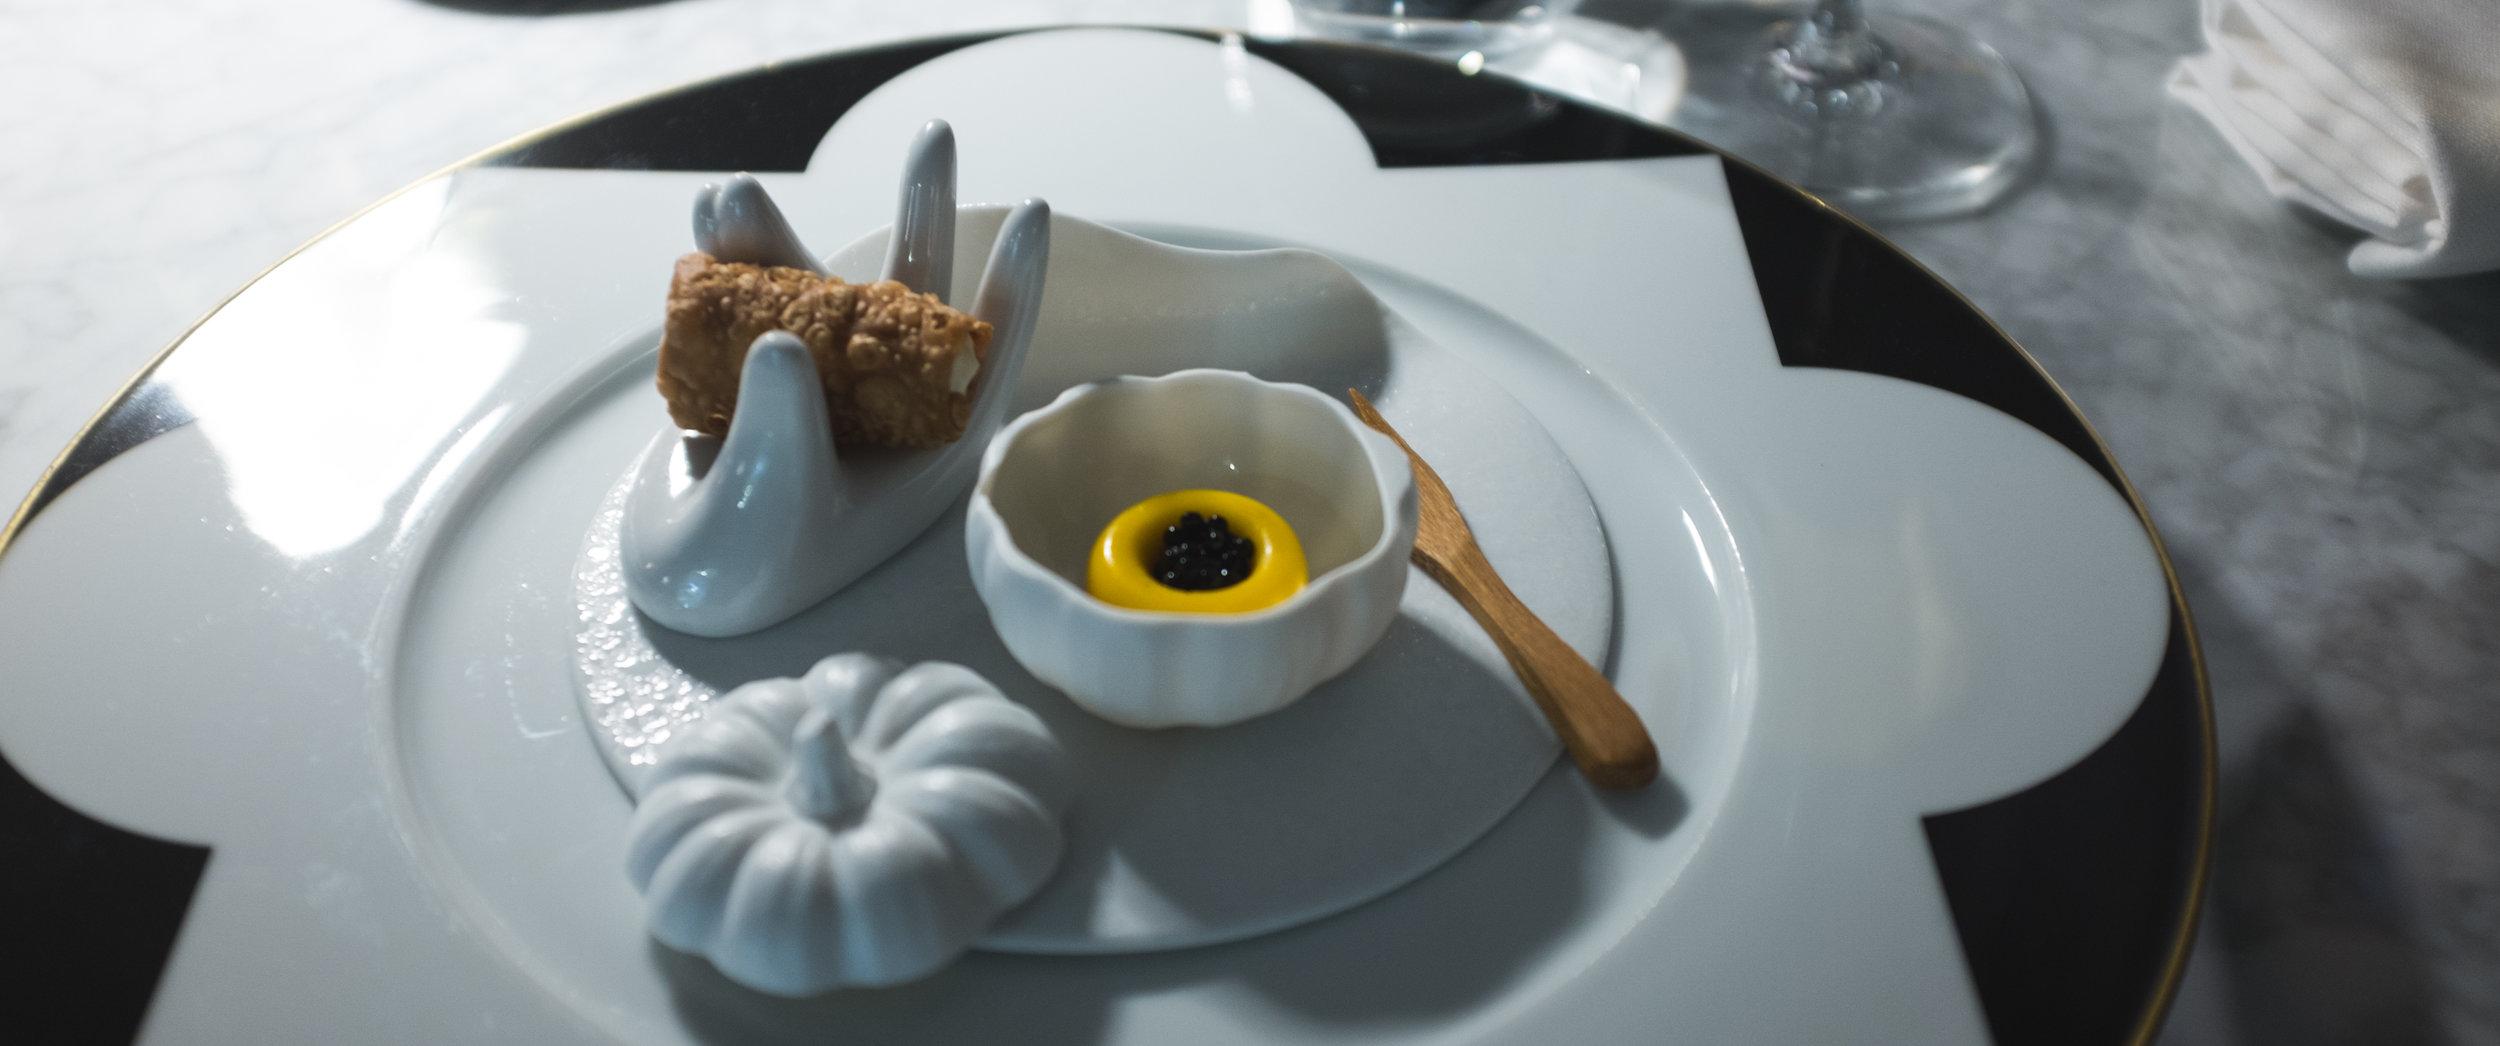 Felix Lo Basso. Užkandžiai. Moliūgų kremas su juodaisiais ikrais.  Felix Lo Basso. Welcome starter. Pumpkin cream with black caviar.